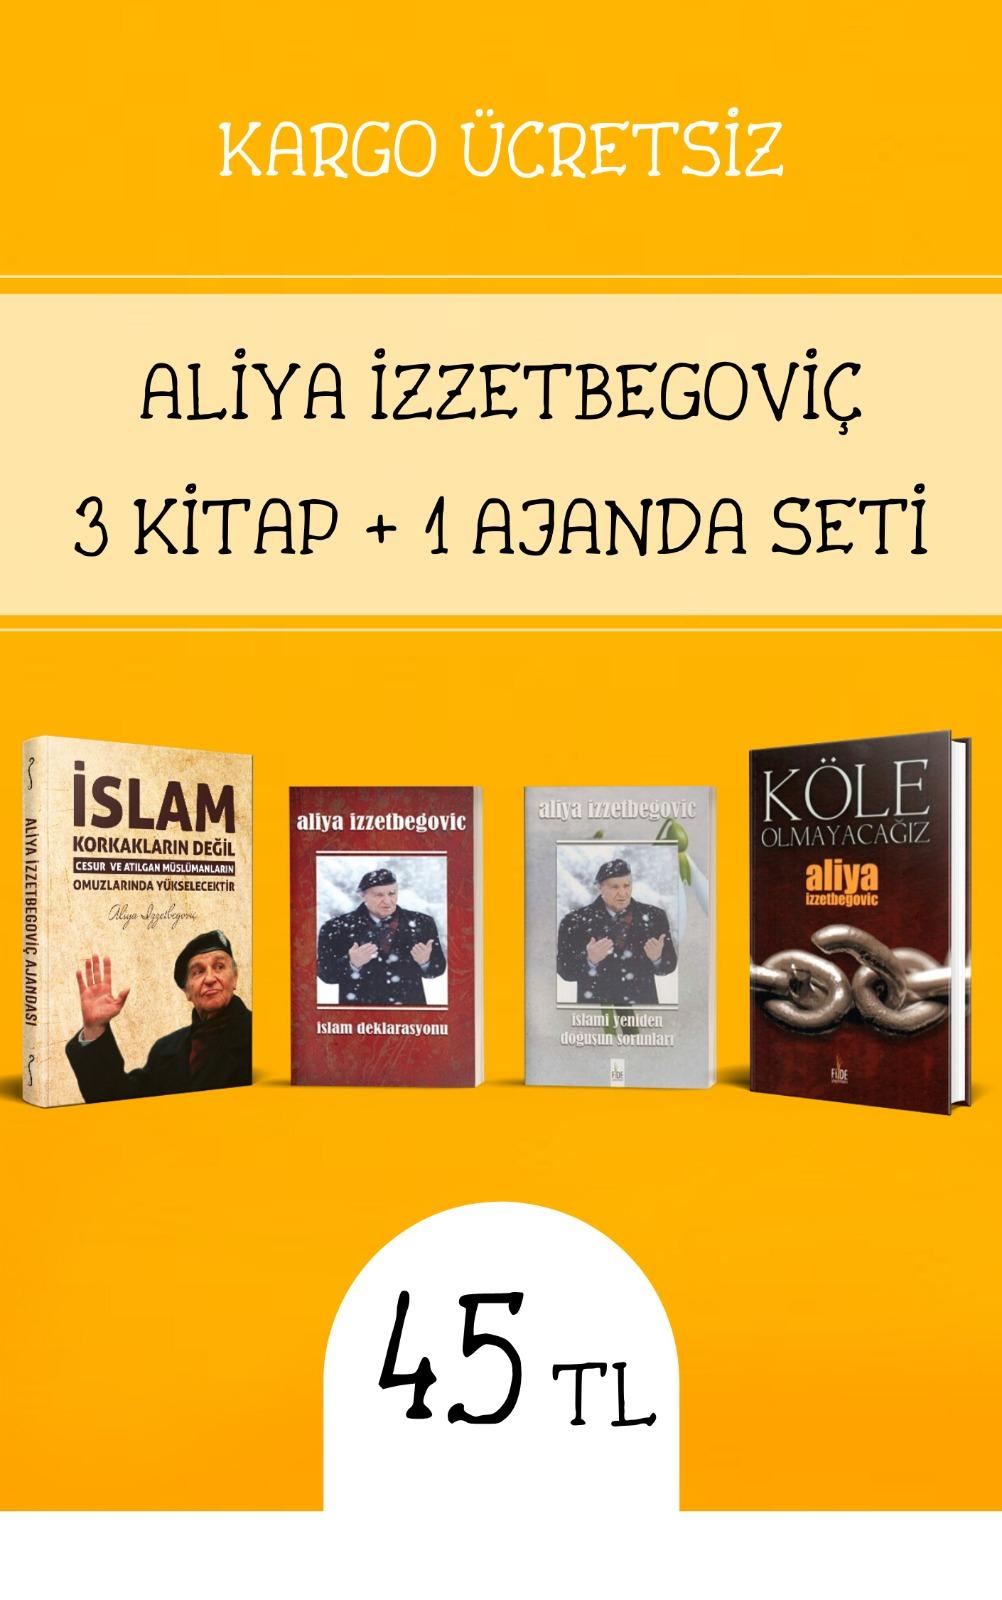 ALİYA İZZETBEGOVİÇ 3 KİTAP + 1 AJANDA SETİ